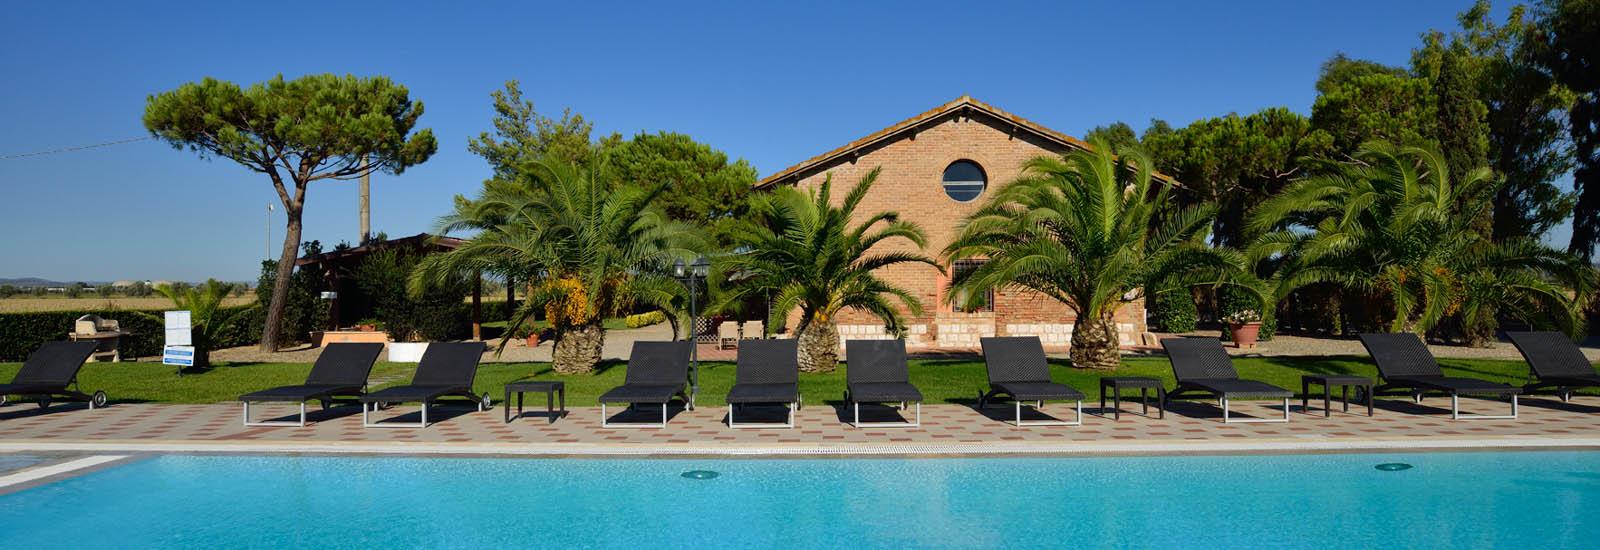 case vacanze con piscina in Toscana